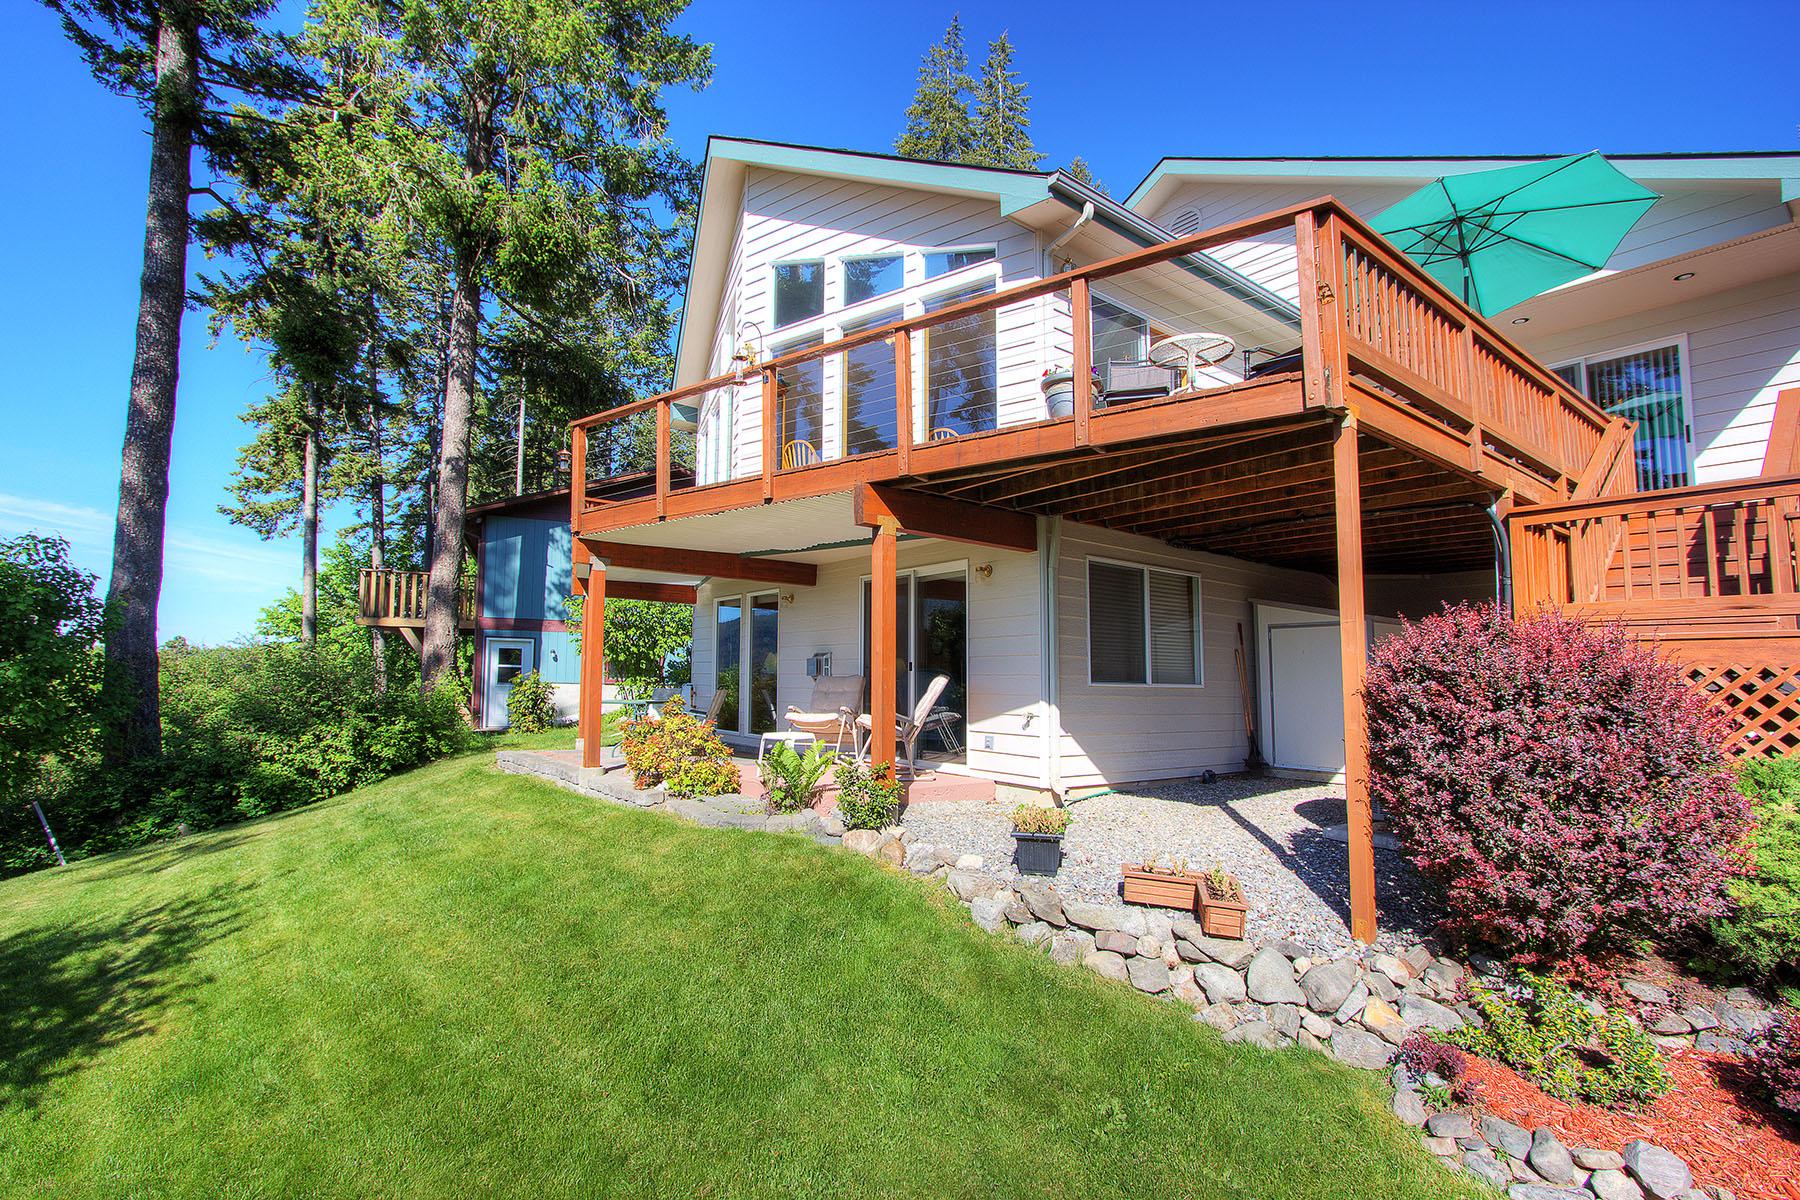 Casa Unifamiliar por un Venta en Leisure Pointe 34277 N PEND OREILLE PINES DR Bayview, Idaho 83803 Estados Unidos